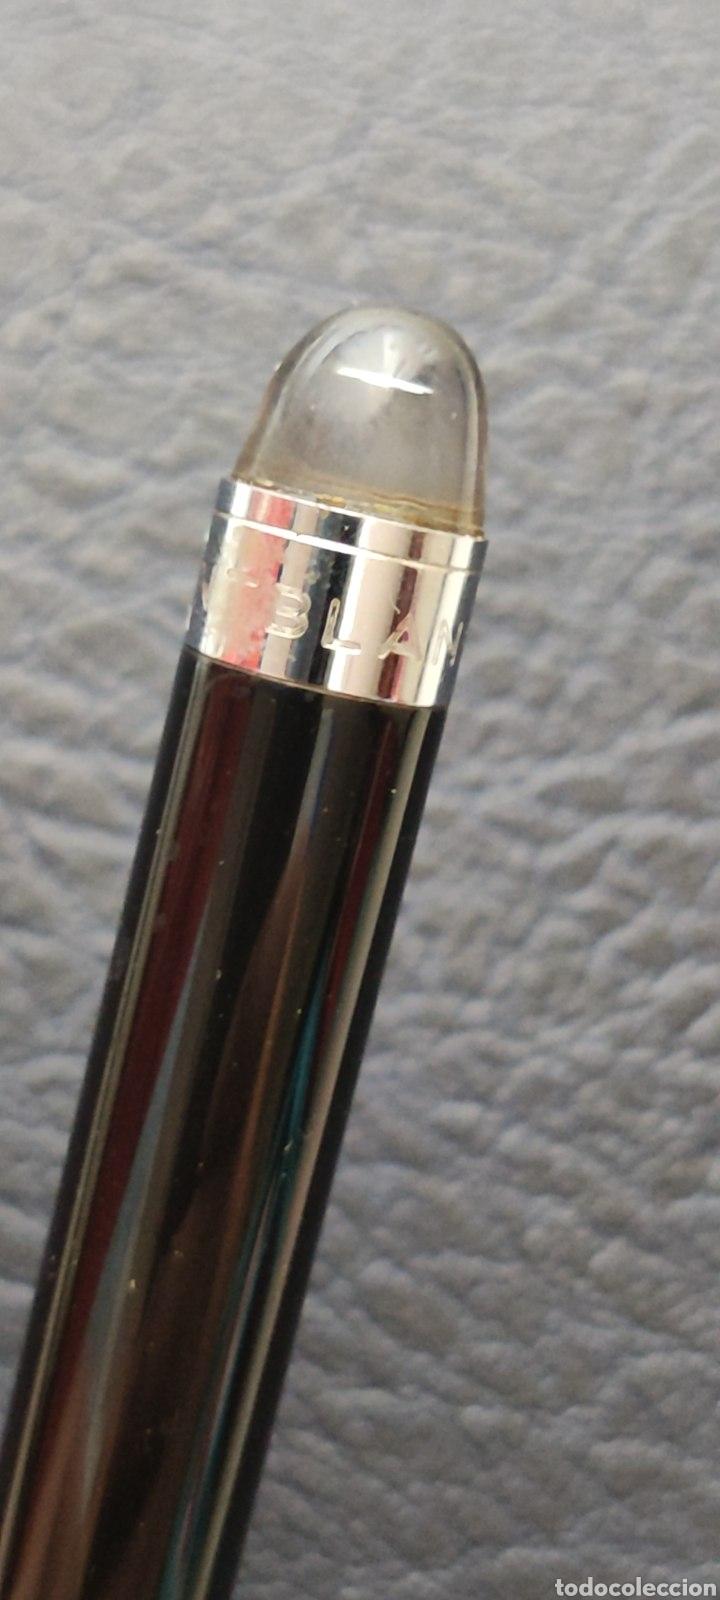 Plumas estilográficas antiguas: Bolígrafo montblanc starwalker resina con número serie escribe - Foto 6 - 253533855